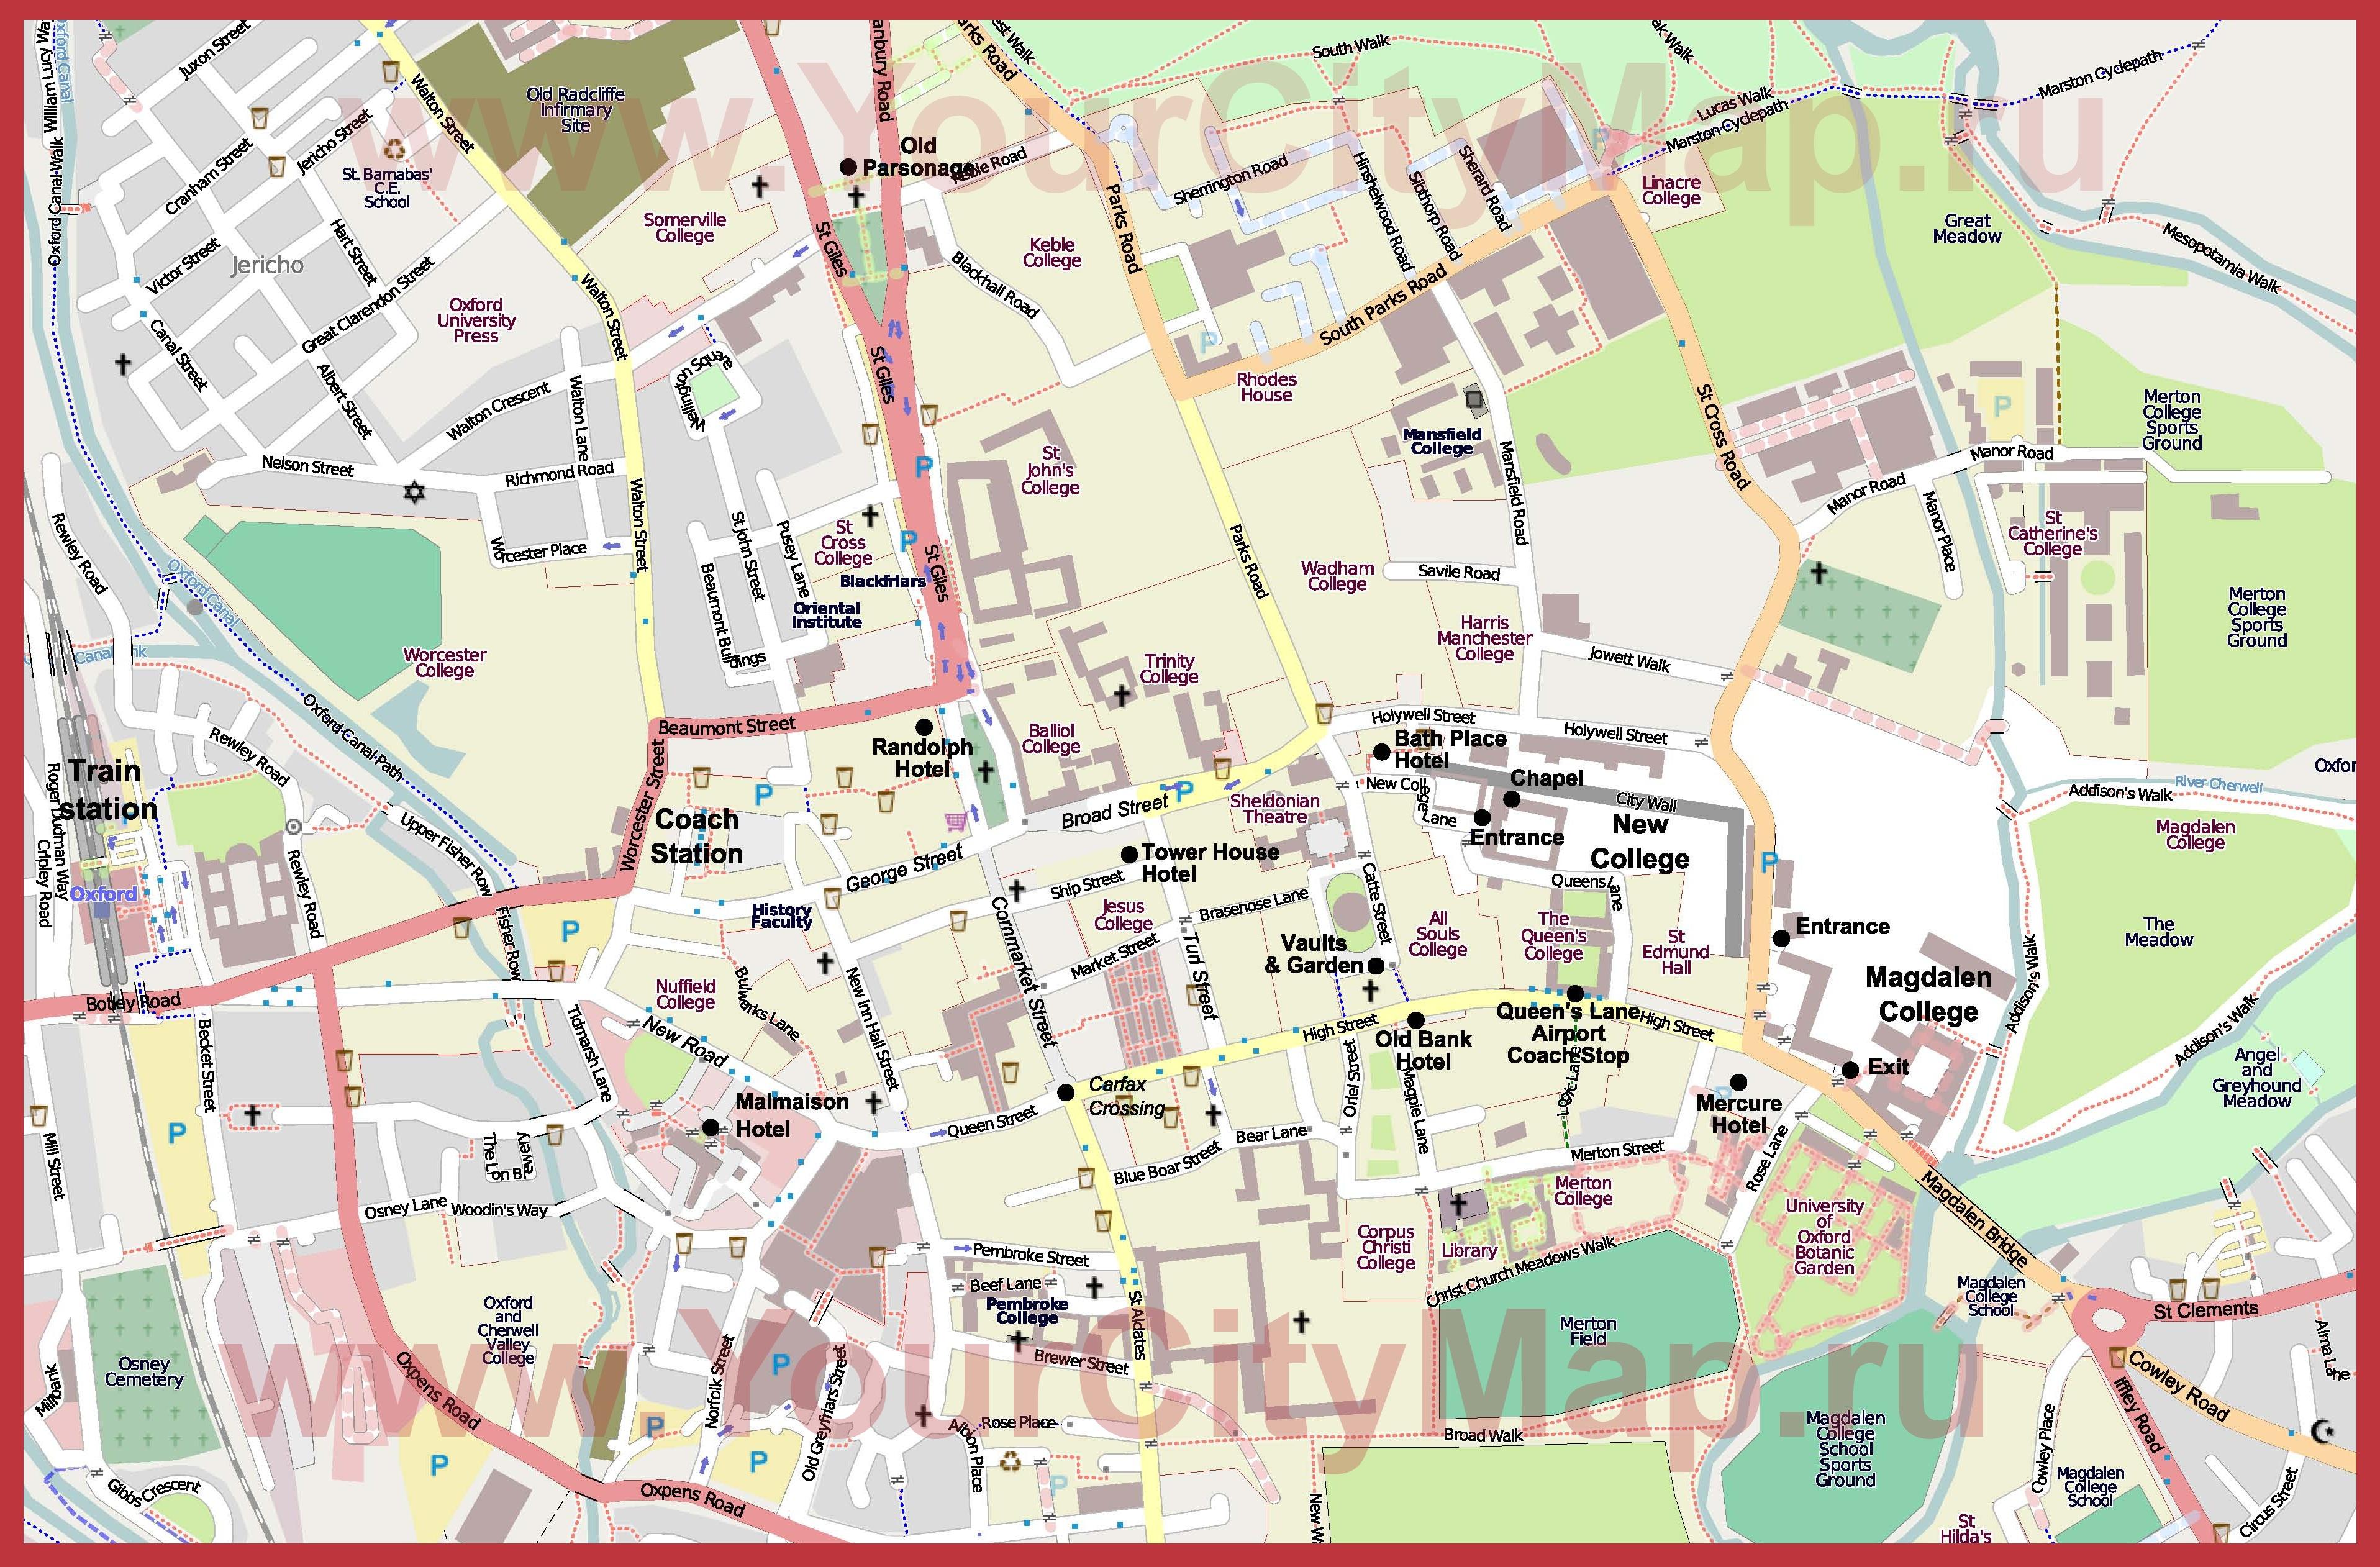 Где находится колледж по карте